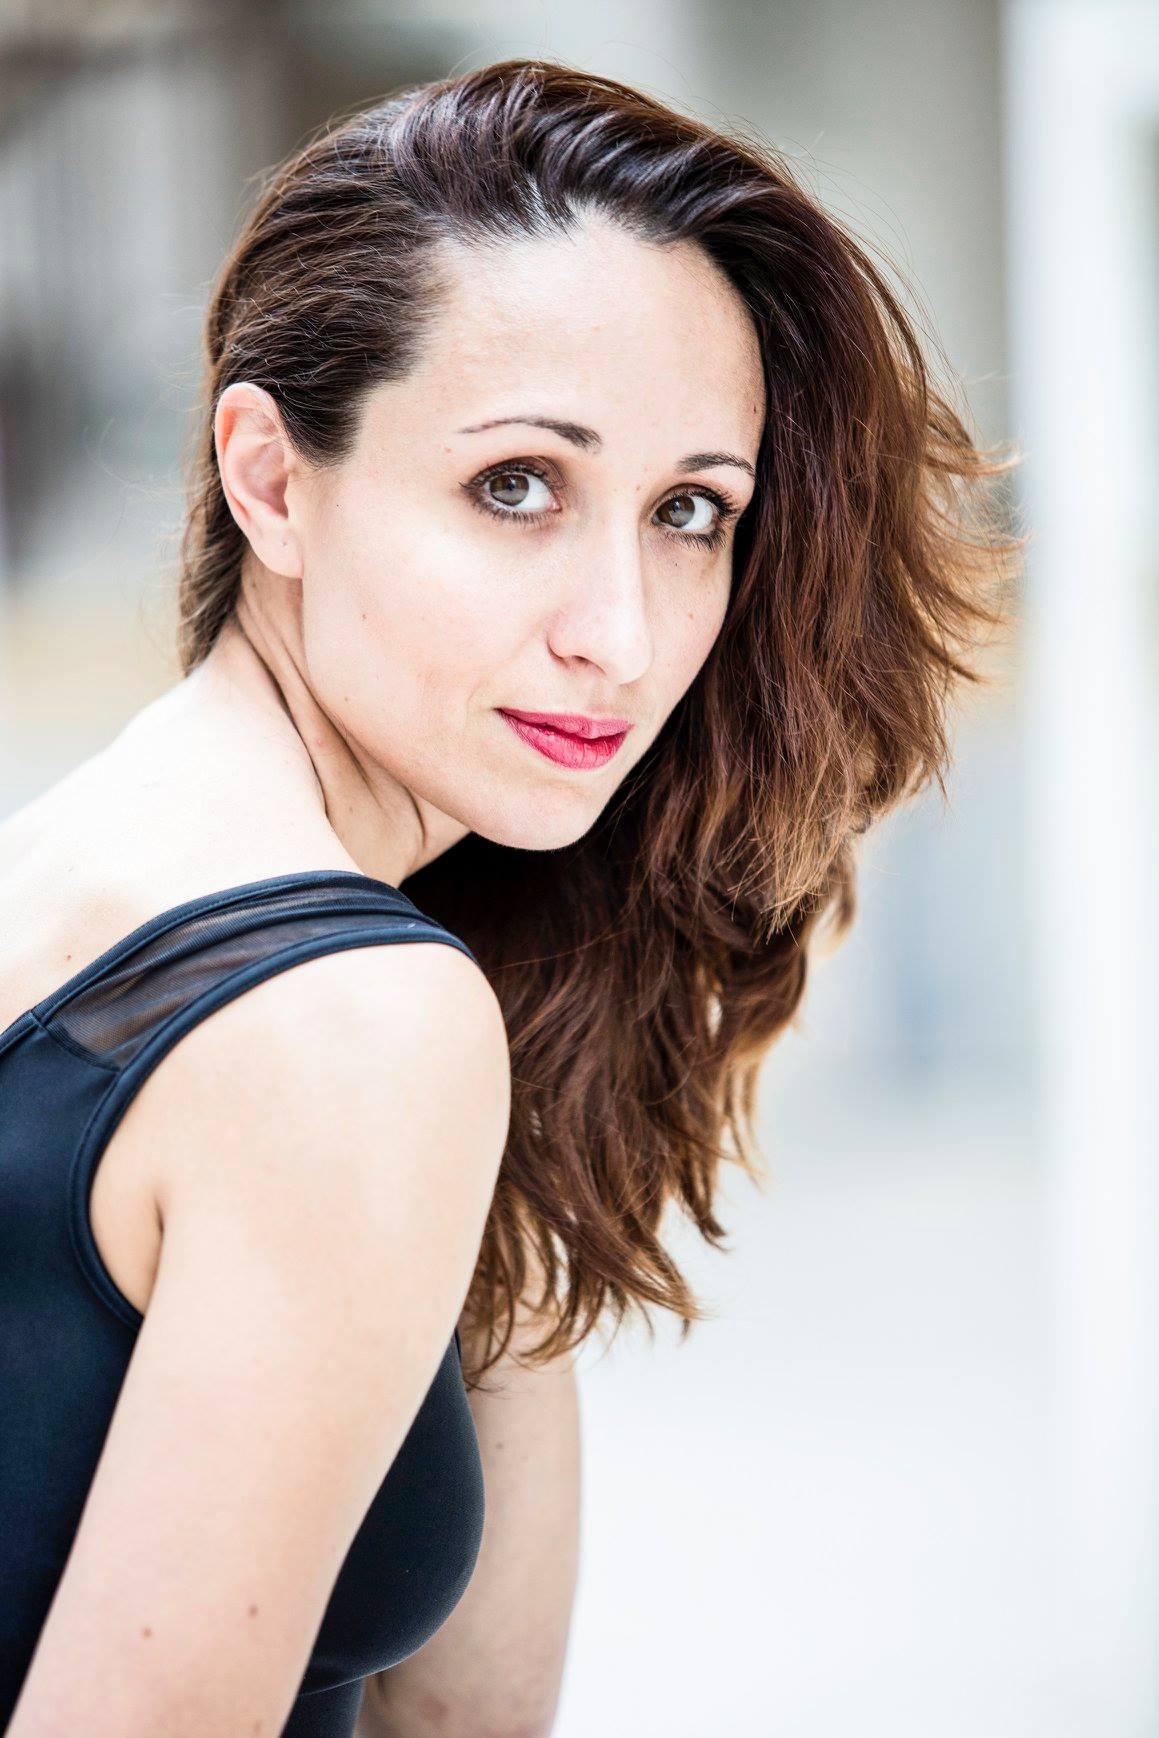 Danzar con sentimiento: Entrevista a Carolina Agüero y Lucas Segovia